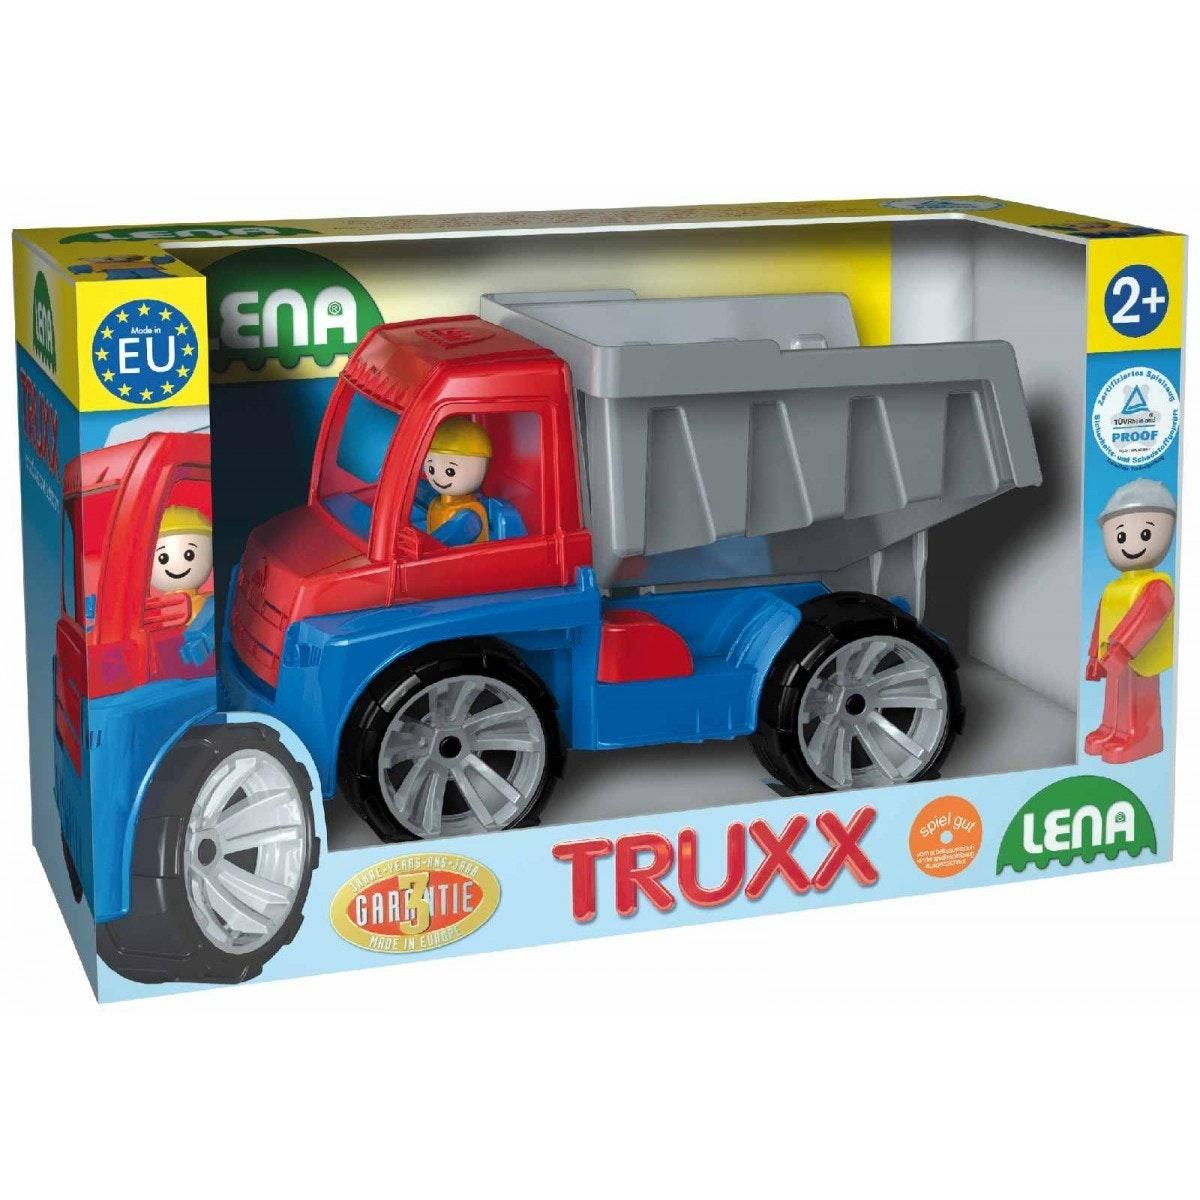 Truxx Kiepauto 27 cm